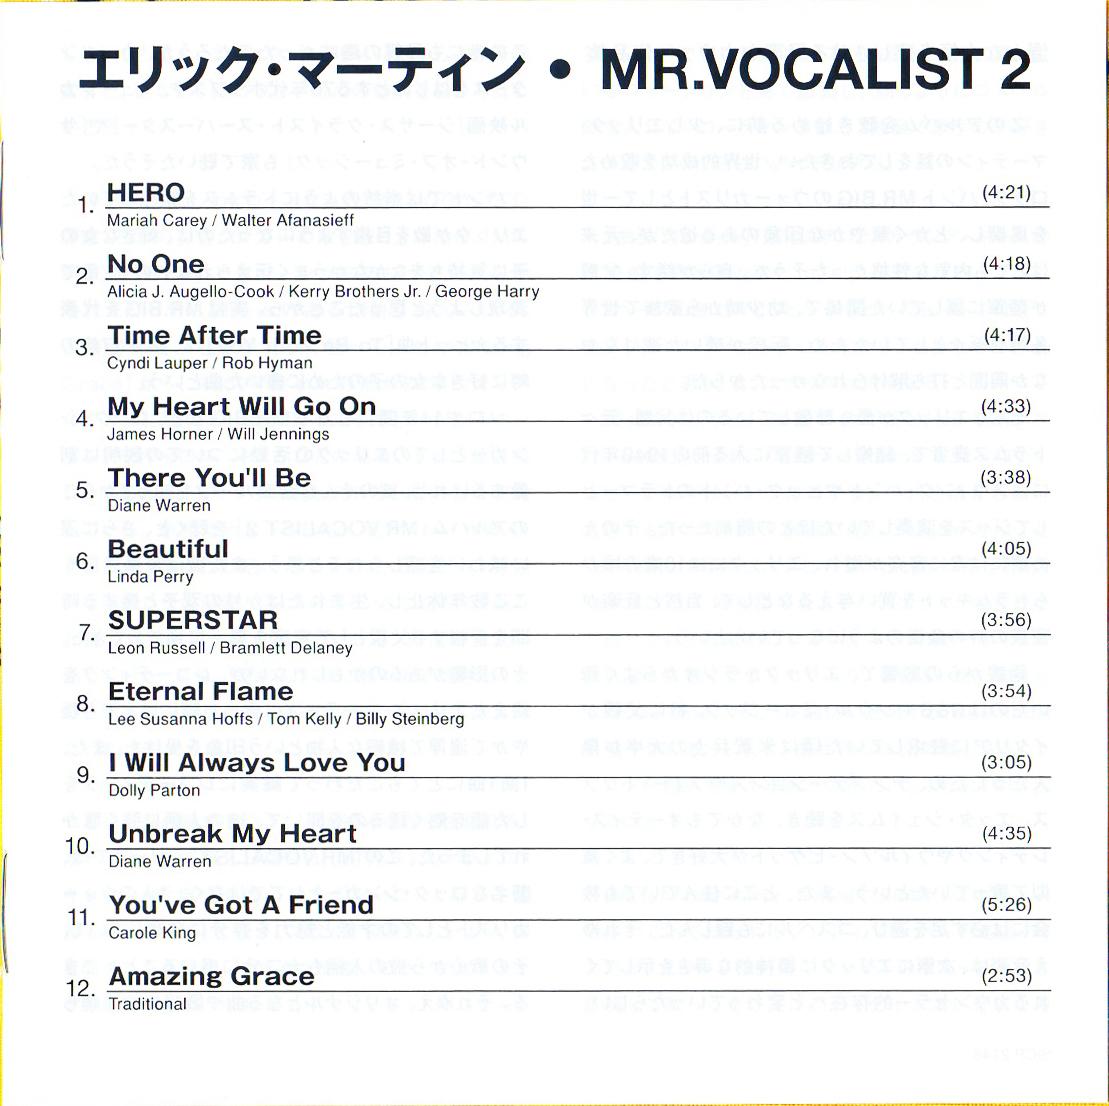 ♪≪国内盤帯付CD≫ERIC MARTIN(エリック・マーティン)/Mr.Vocalist2♪MR.BIG♪_収録曲目/解説書